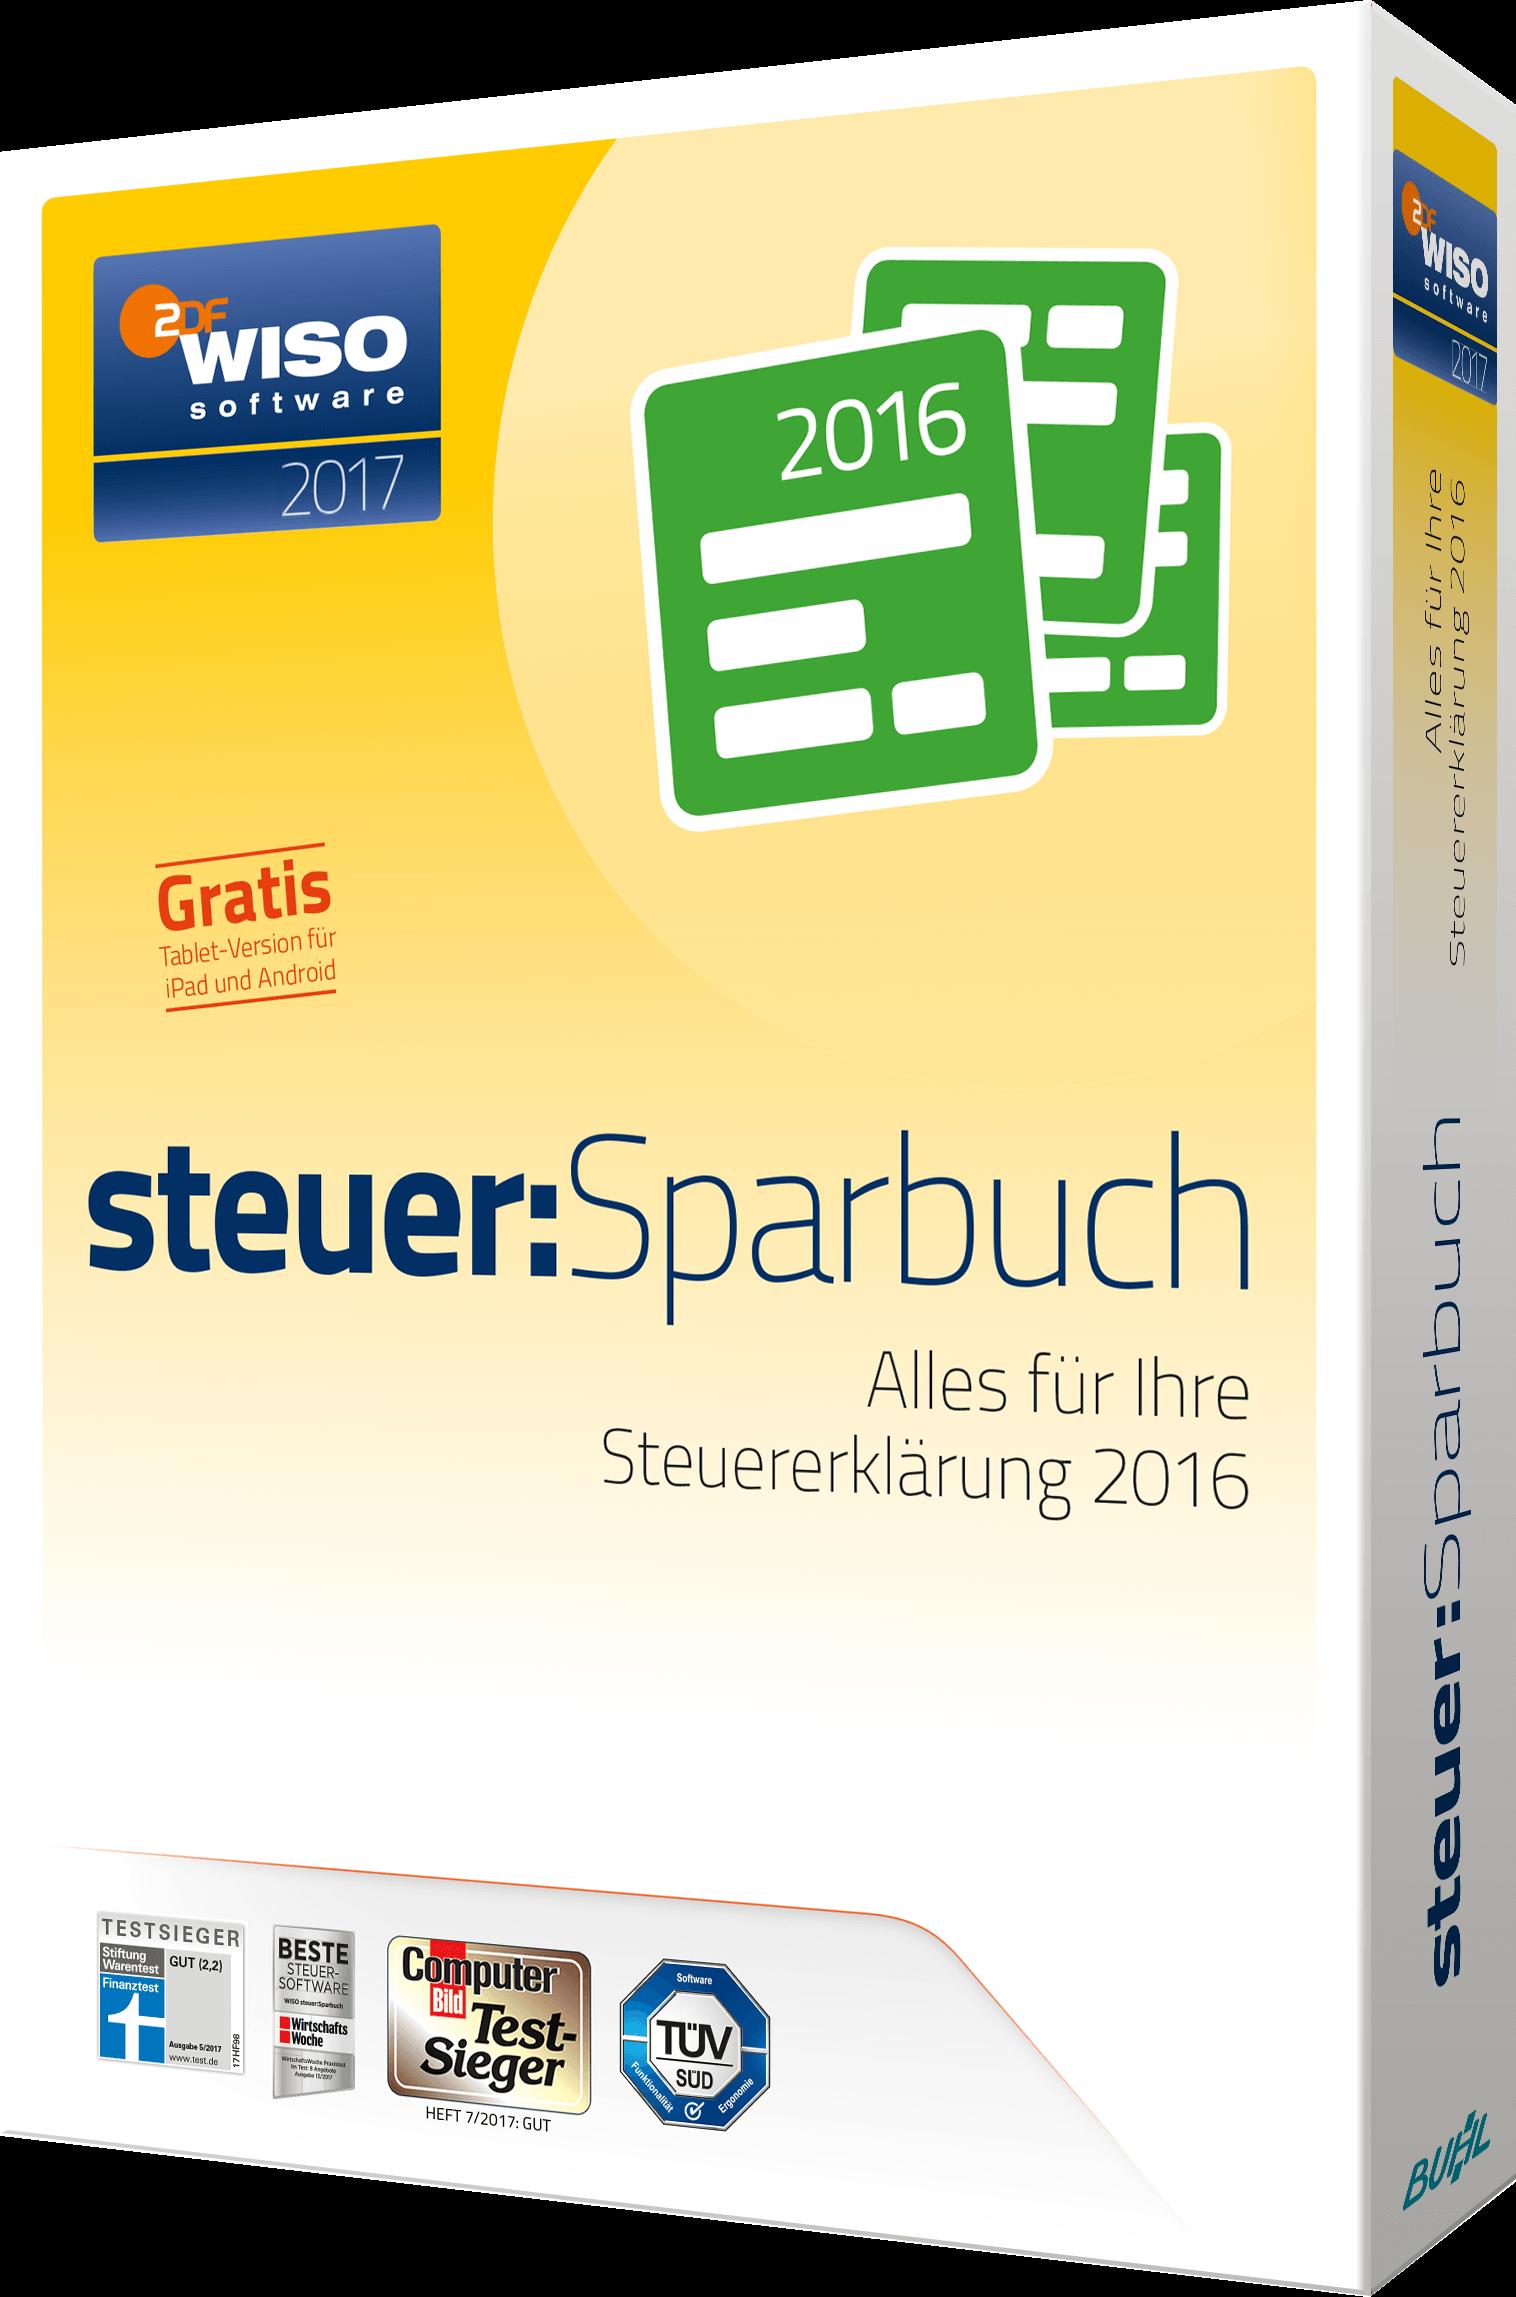 Steuer-Deadline WISO Steuer Sparbuch Packshot